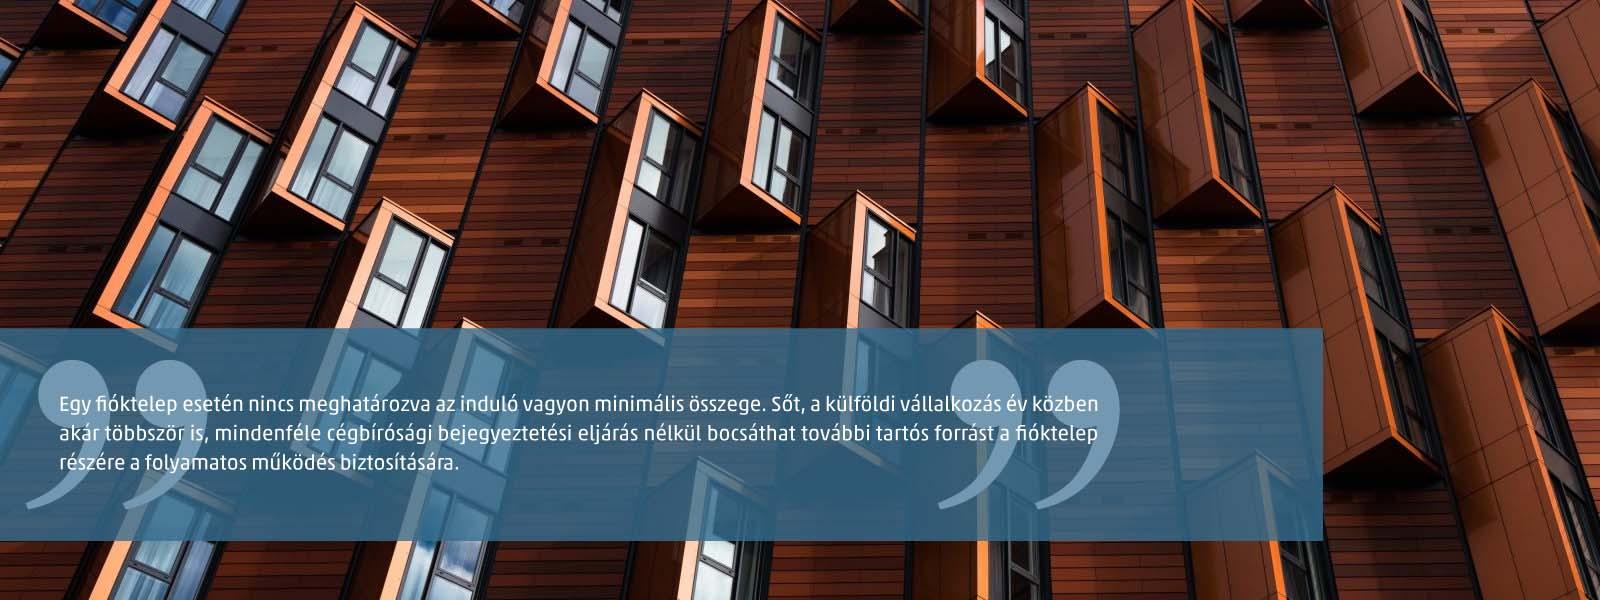 Külföldi székhelyű vállalkozás magyarországi fióktelepe